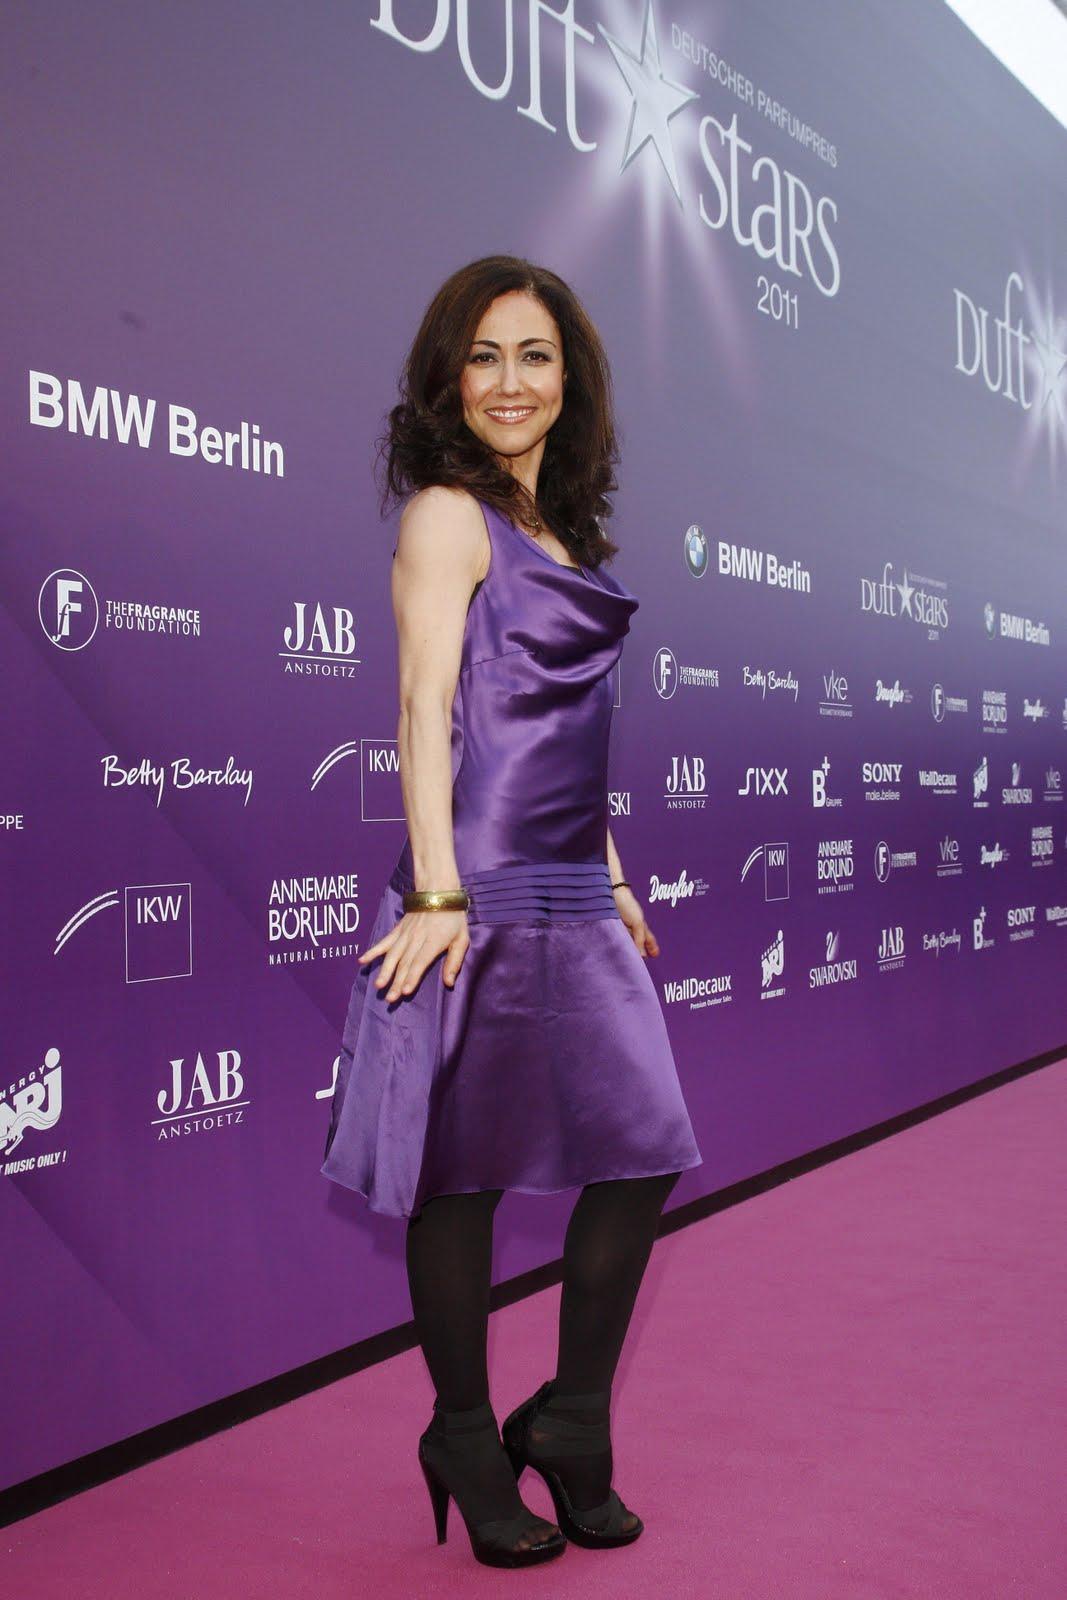 Anastasia Zampounidis in Rohmir dress